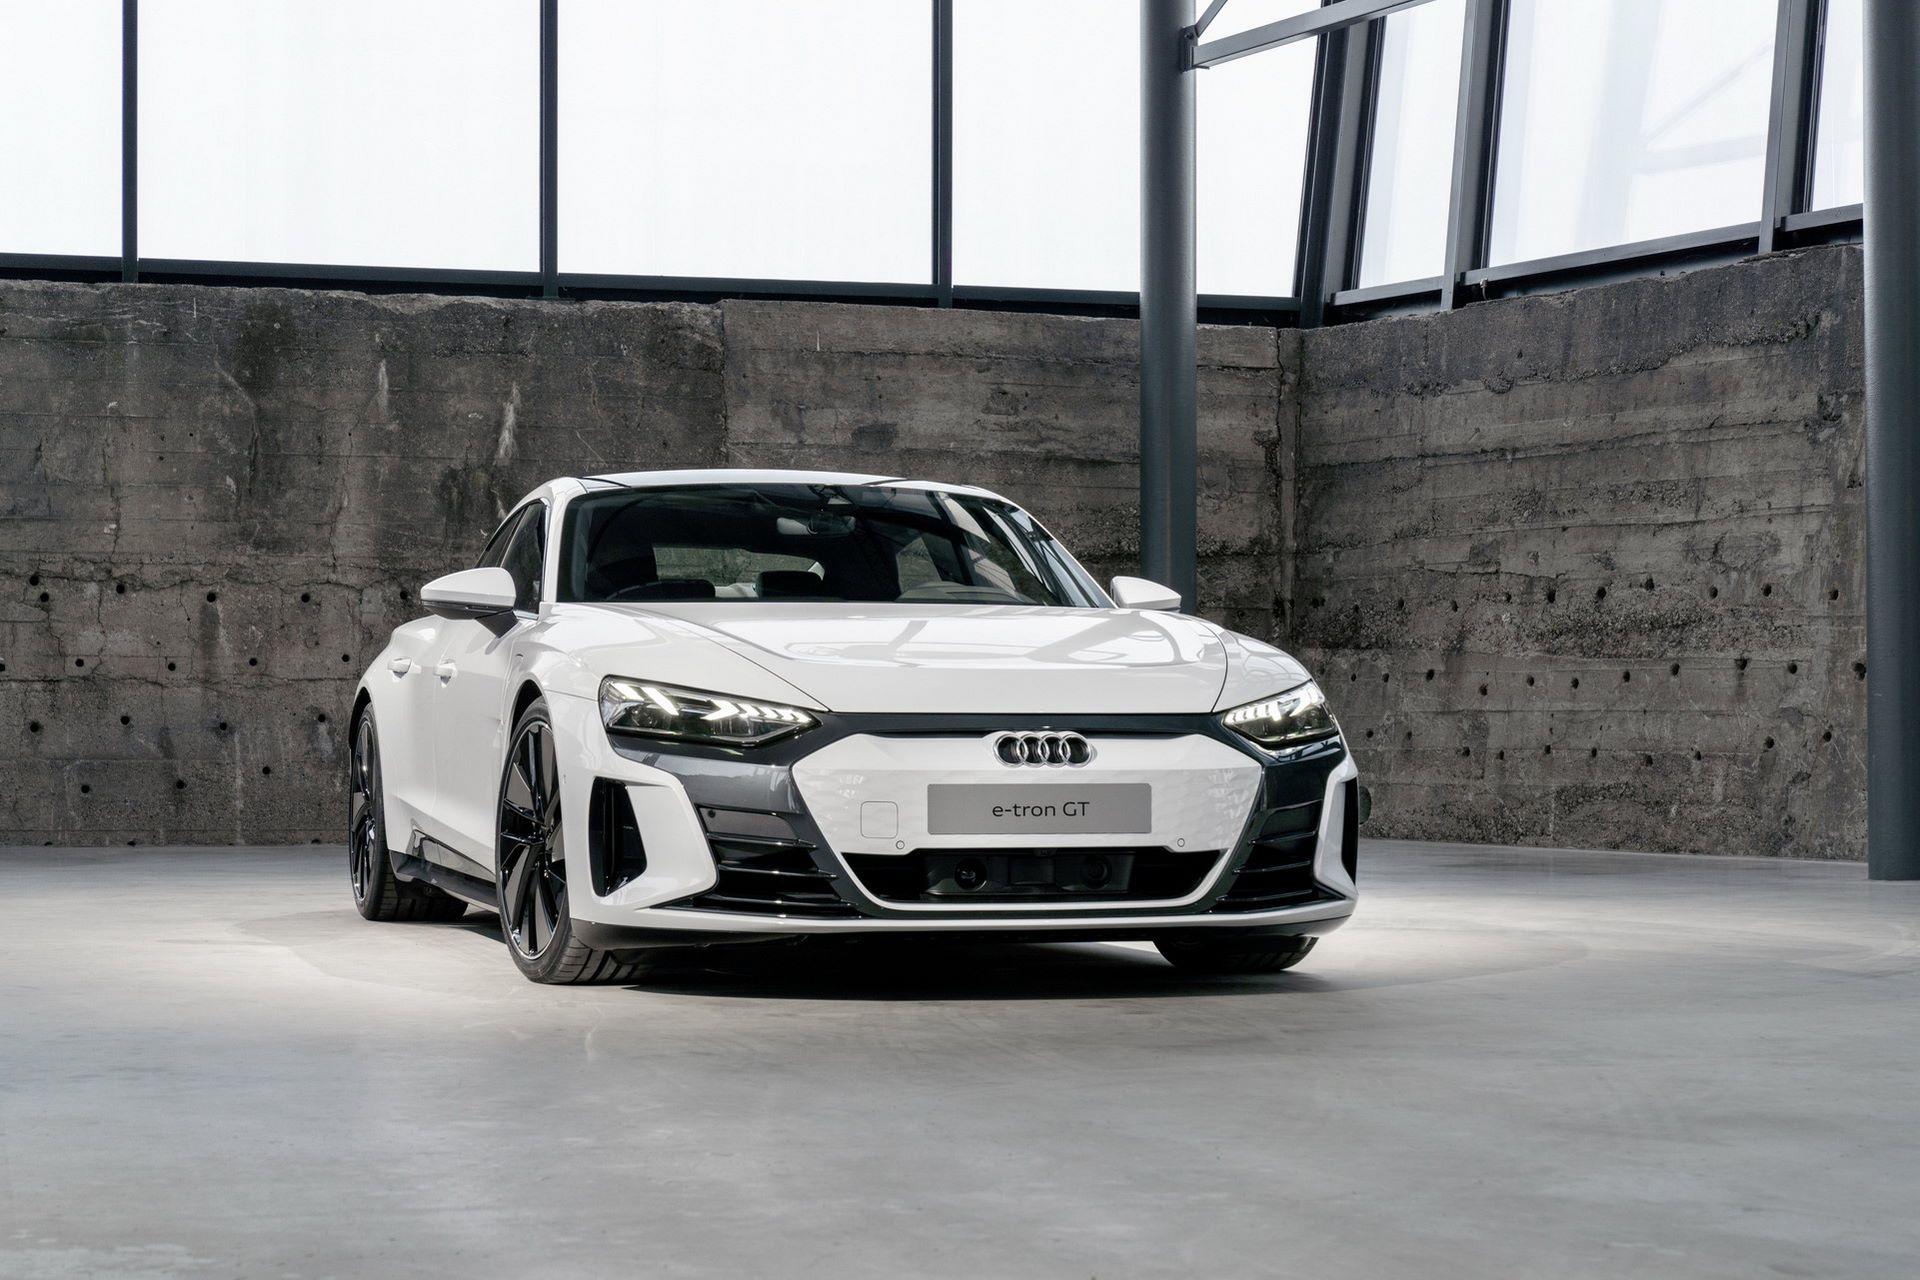 2022-Audi-e-tron-GT-11